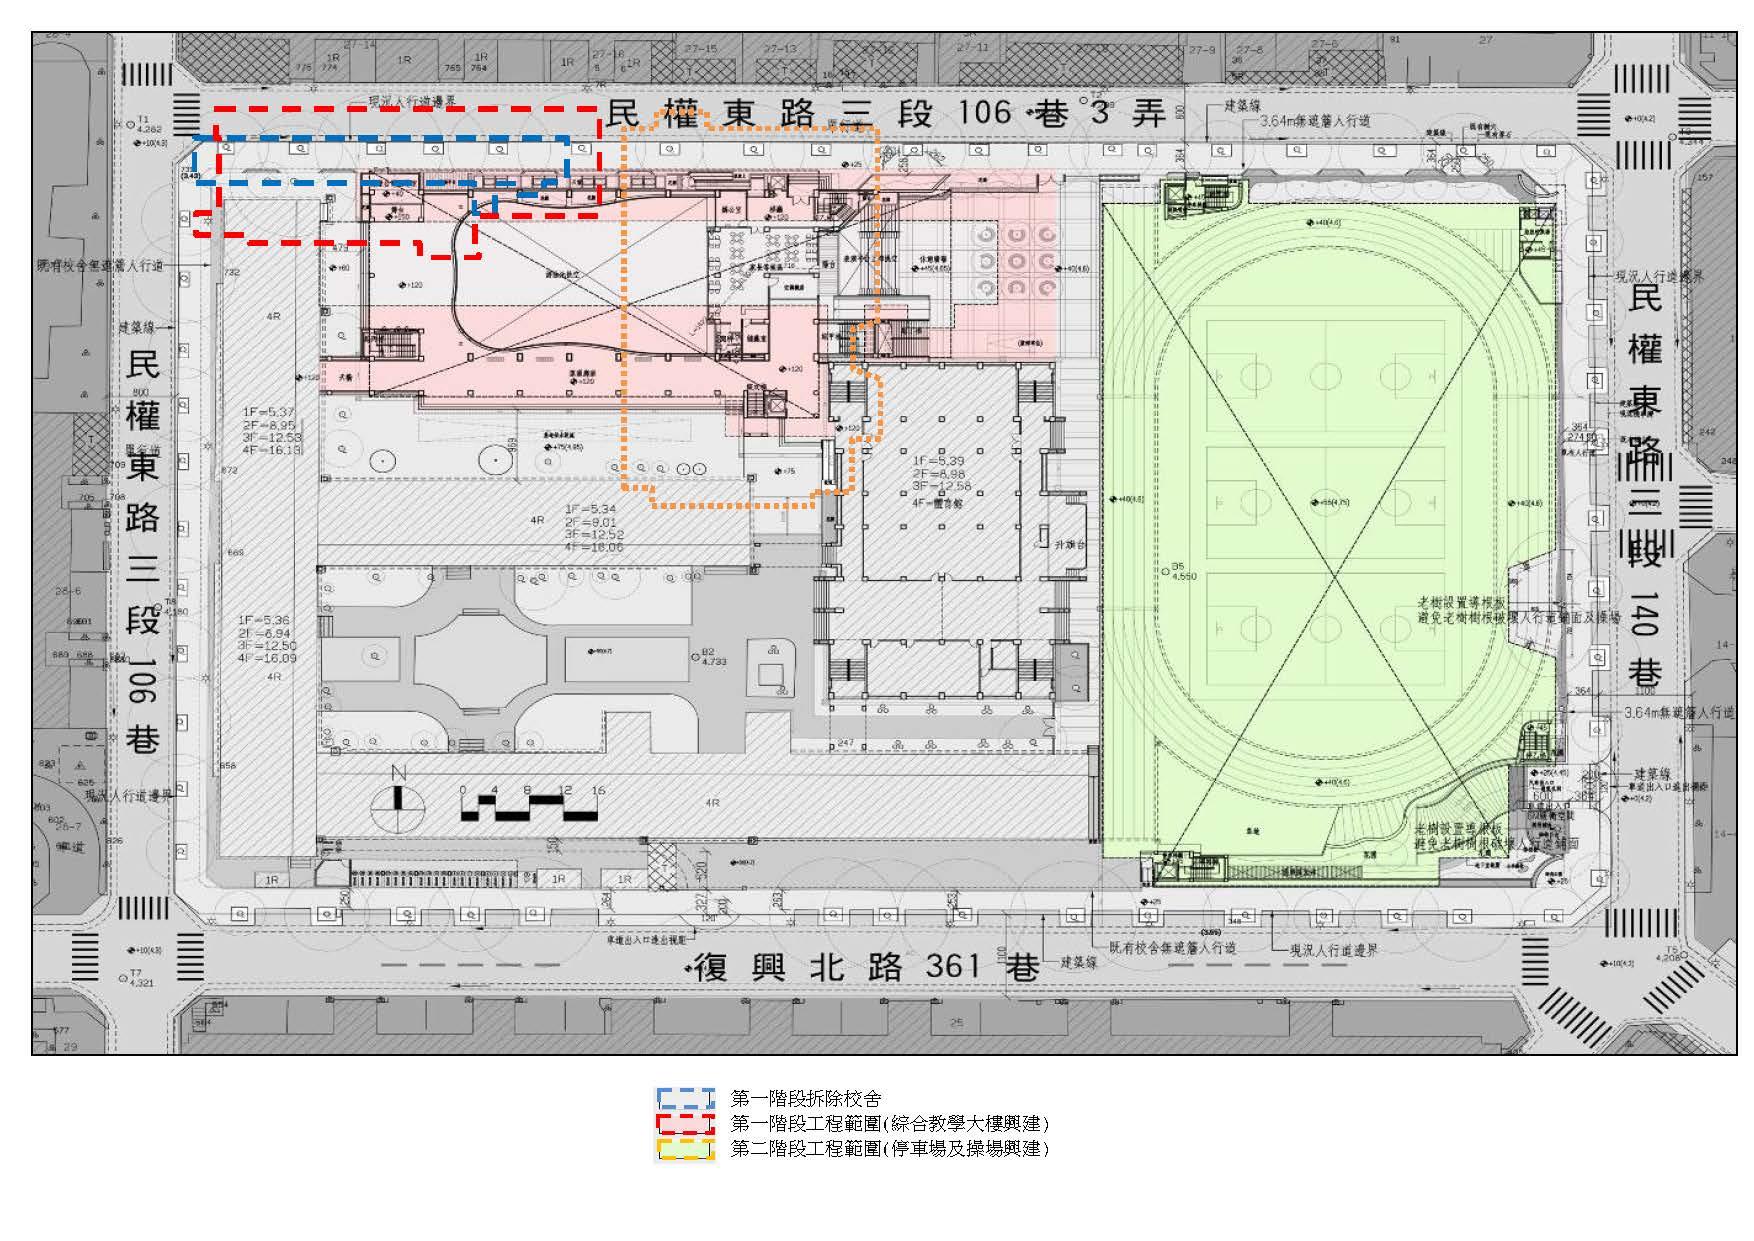 臺北市立中山國中綜合大樓新建工程分階段配置圖